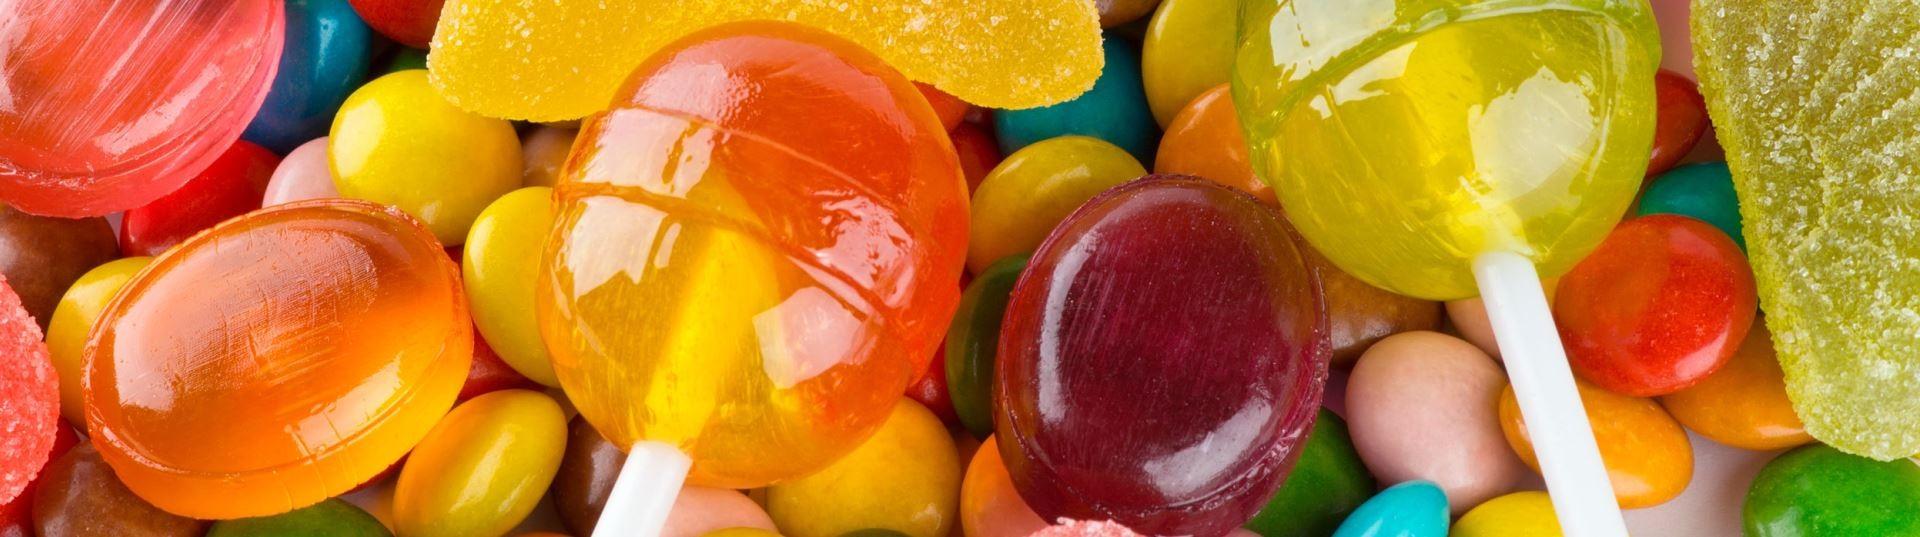 סופר ממתקים בסיטונאות | סיטונאות מזון – סקול מרקט שיווק והפצה AO-47